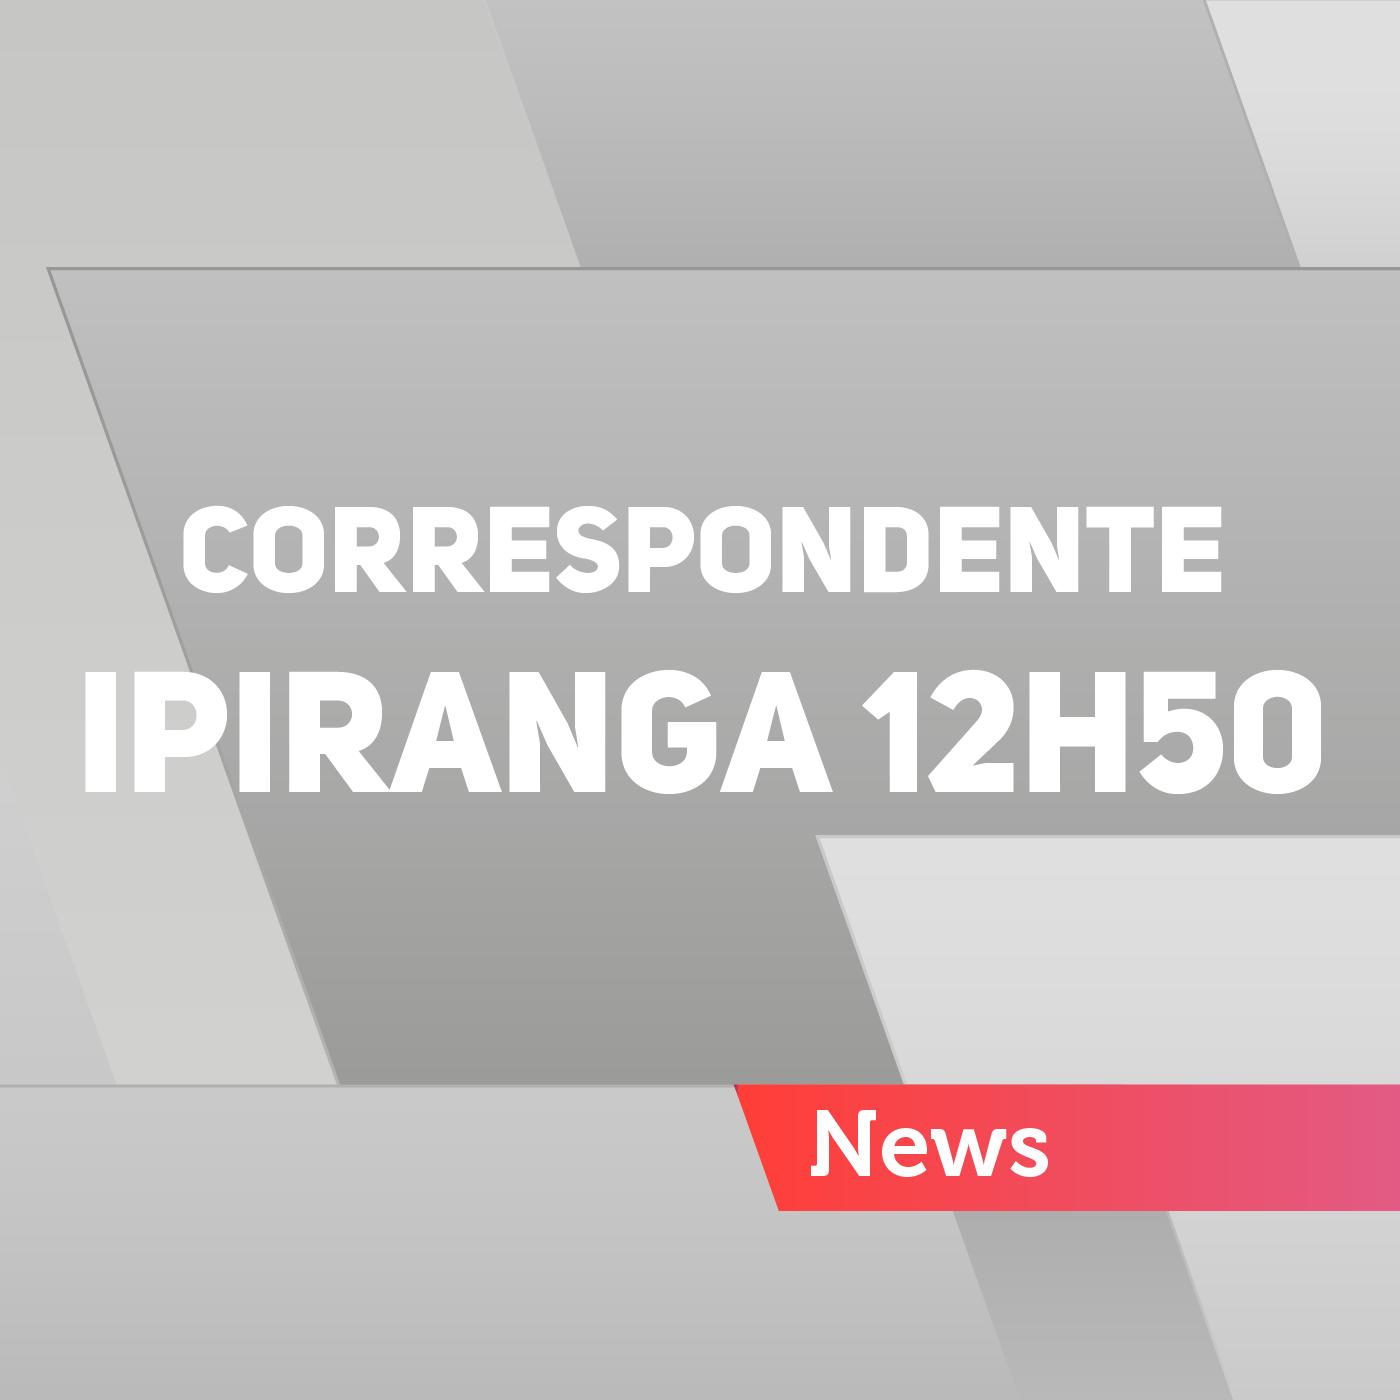 Correspondente Ipiranga 12h50 24.03.2018